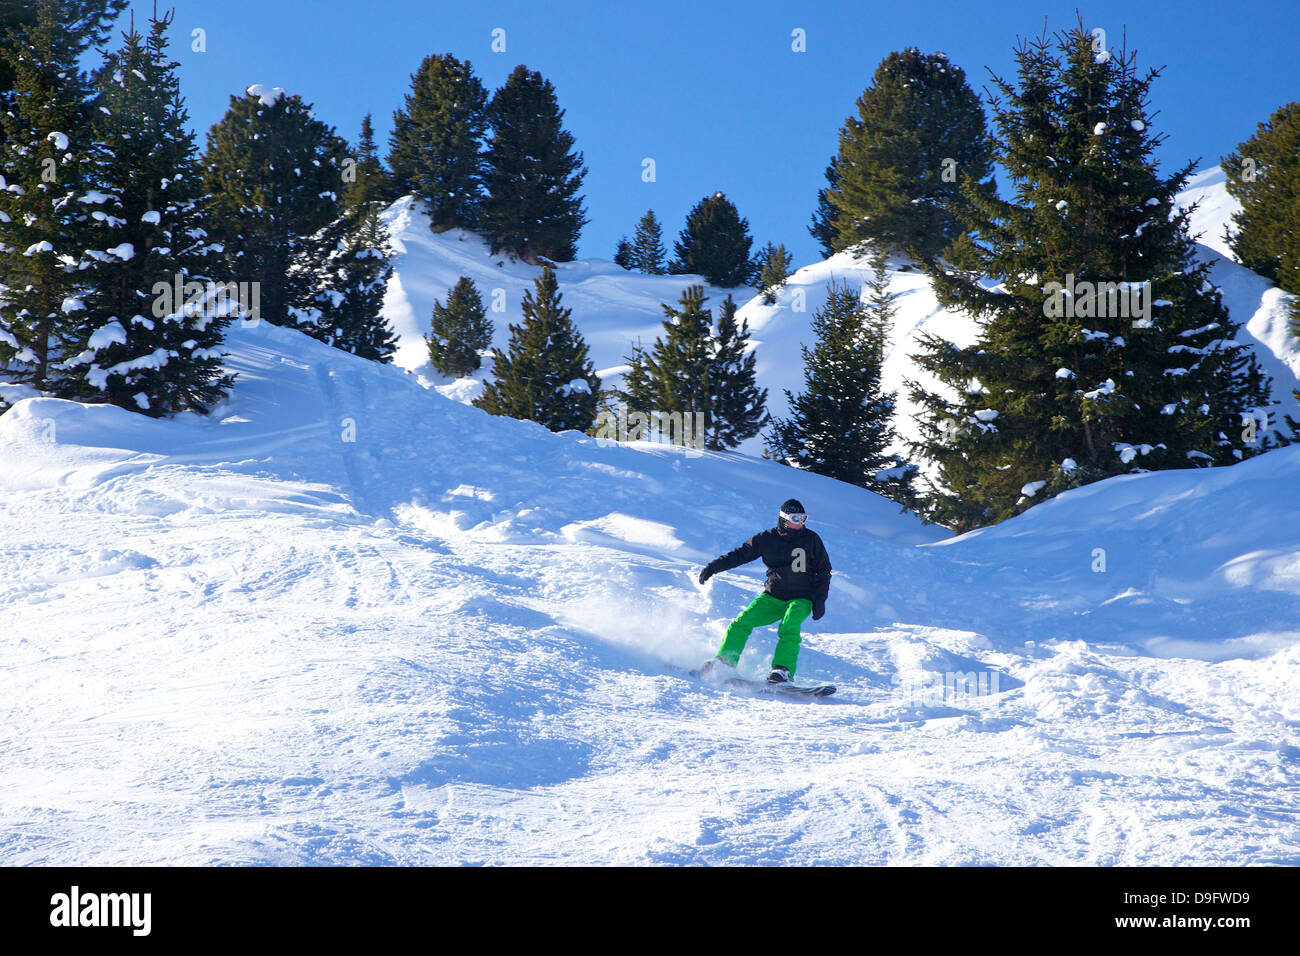 Snow-board fuori-pista di mattina presto in inverno, La Plagne, sulle Alpi francesi, Francia Immagini Stock